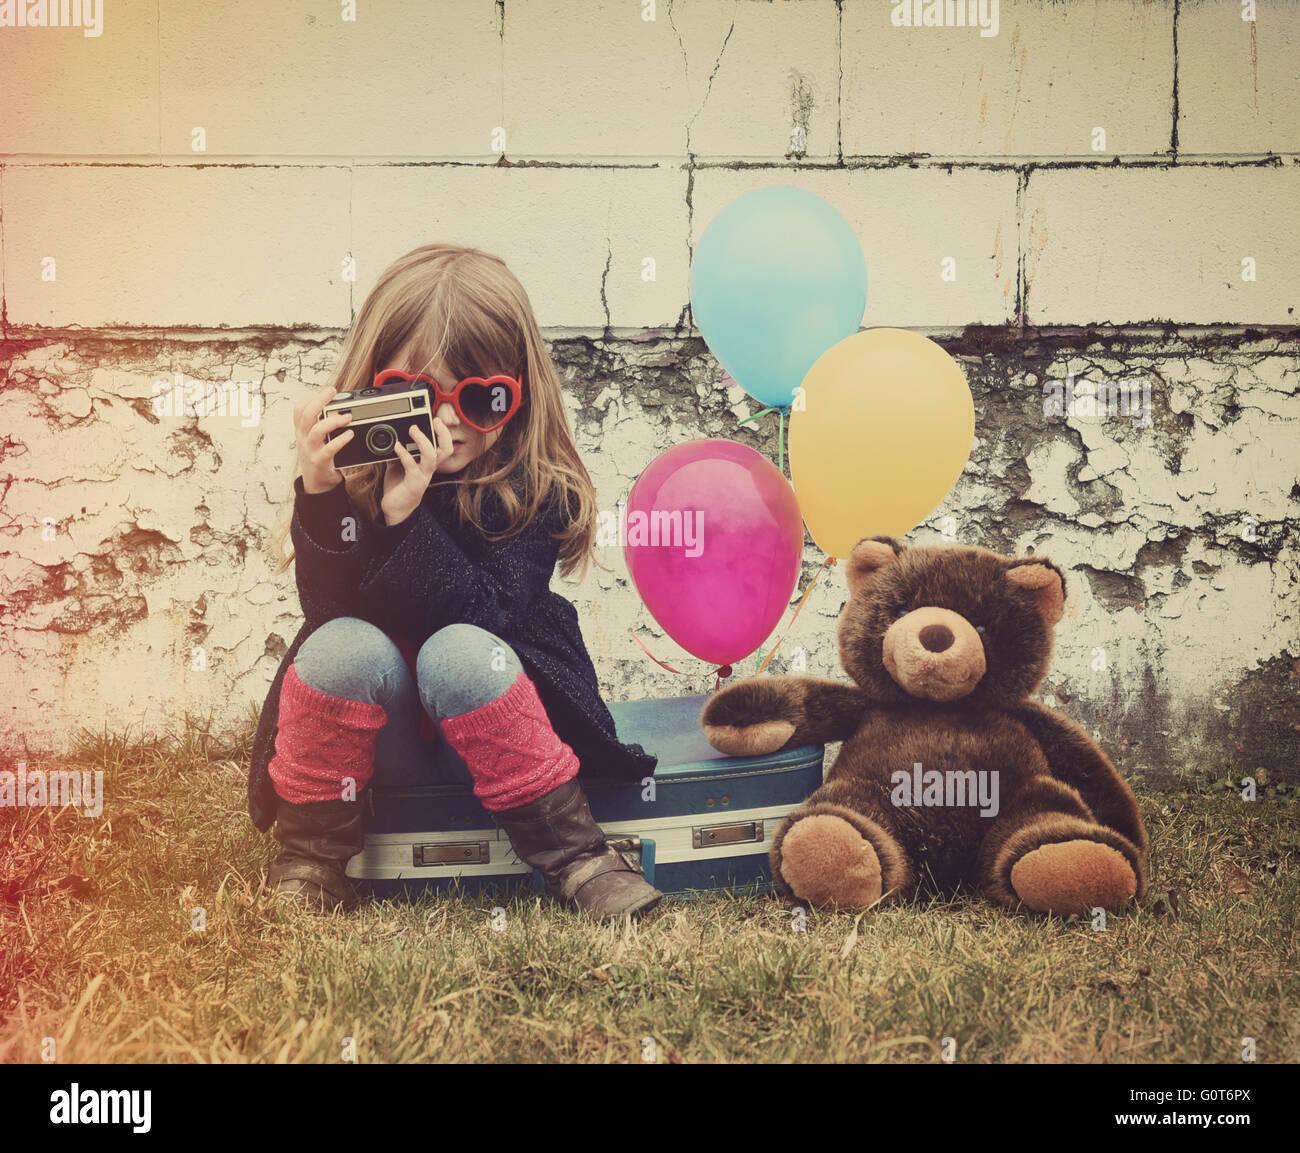 Una foto de un niño vintage tomando una fotografía con la vieja cámara contra un muro de ladrillo, Imagen De Stock